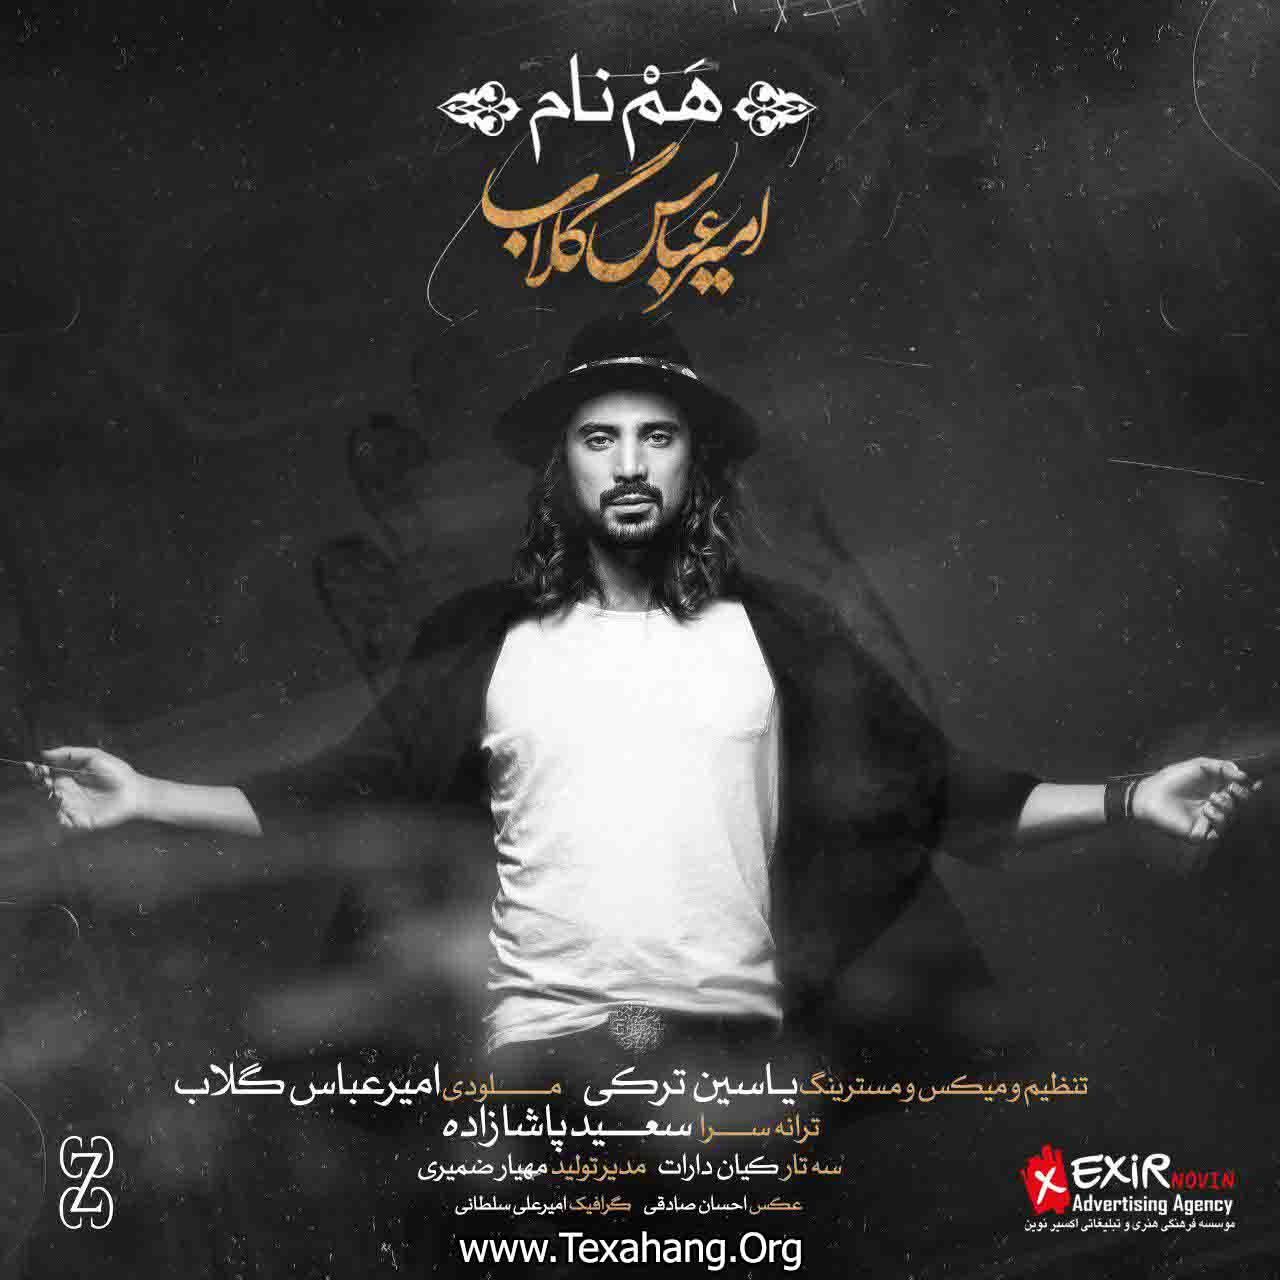 متن آهنگ هم نام امیر عباس گلاب